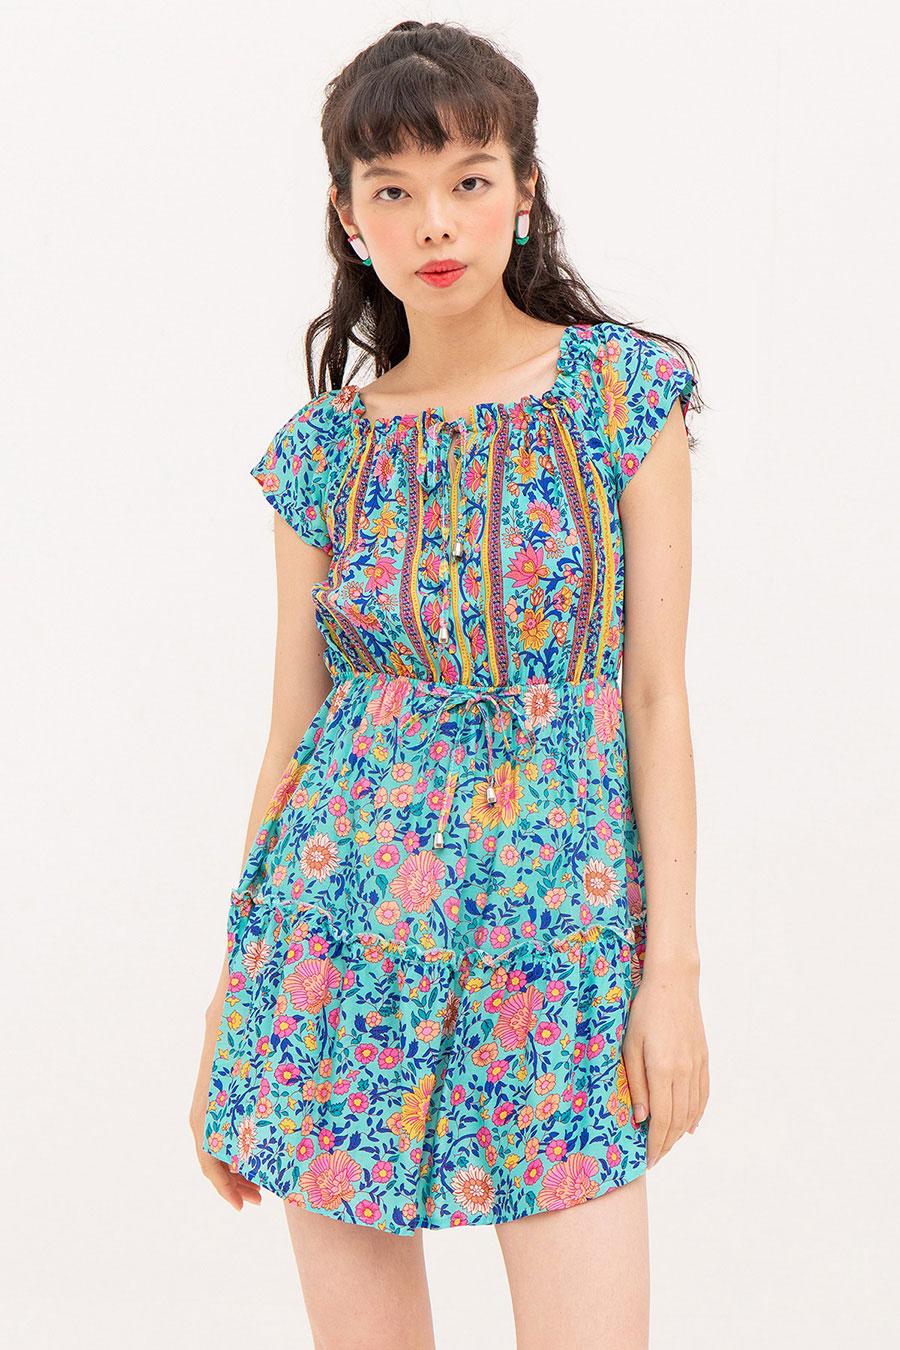 YULIE DRESS - PEONY